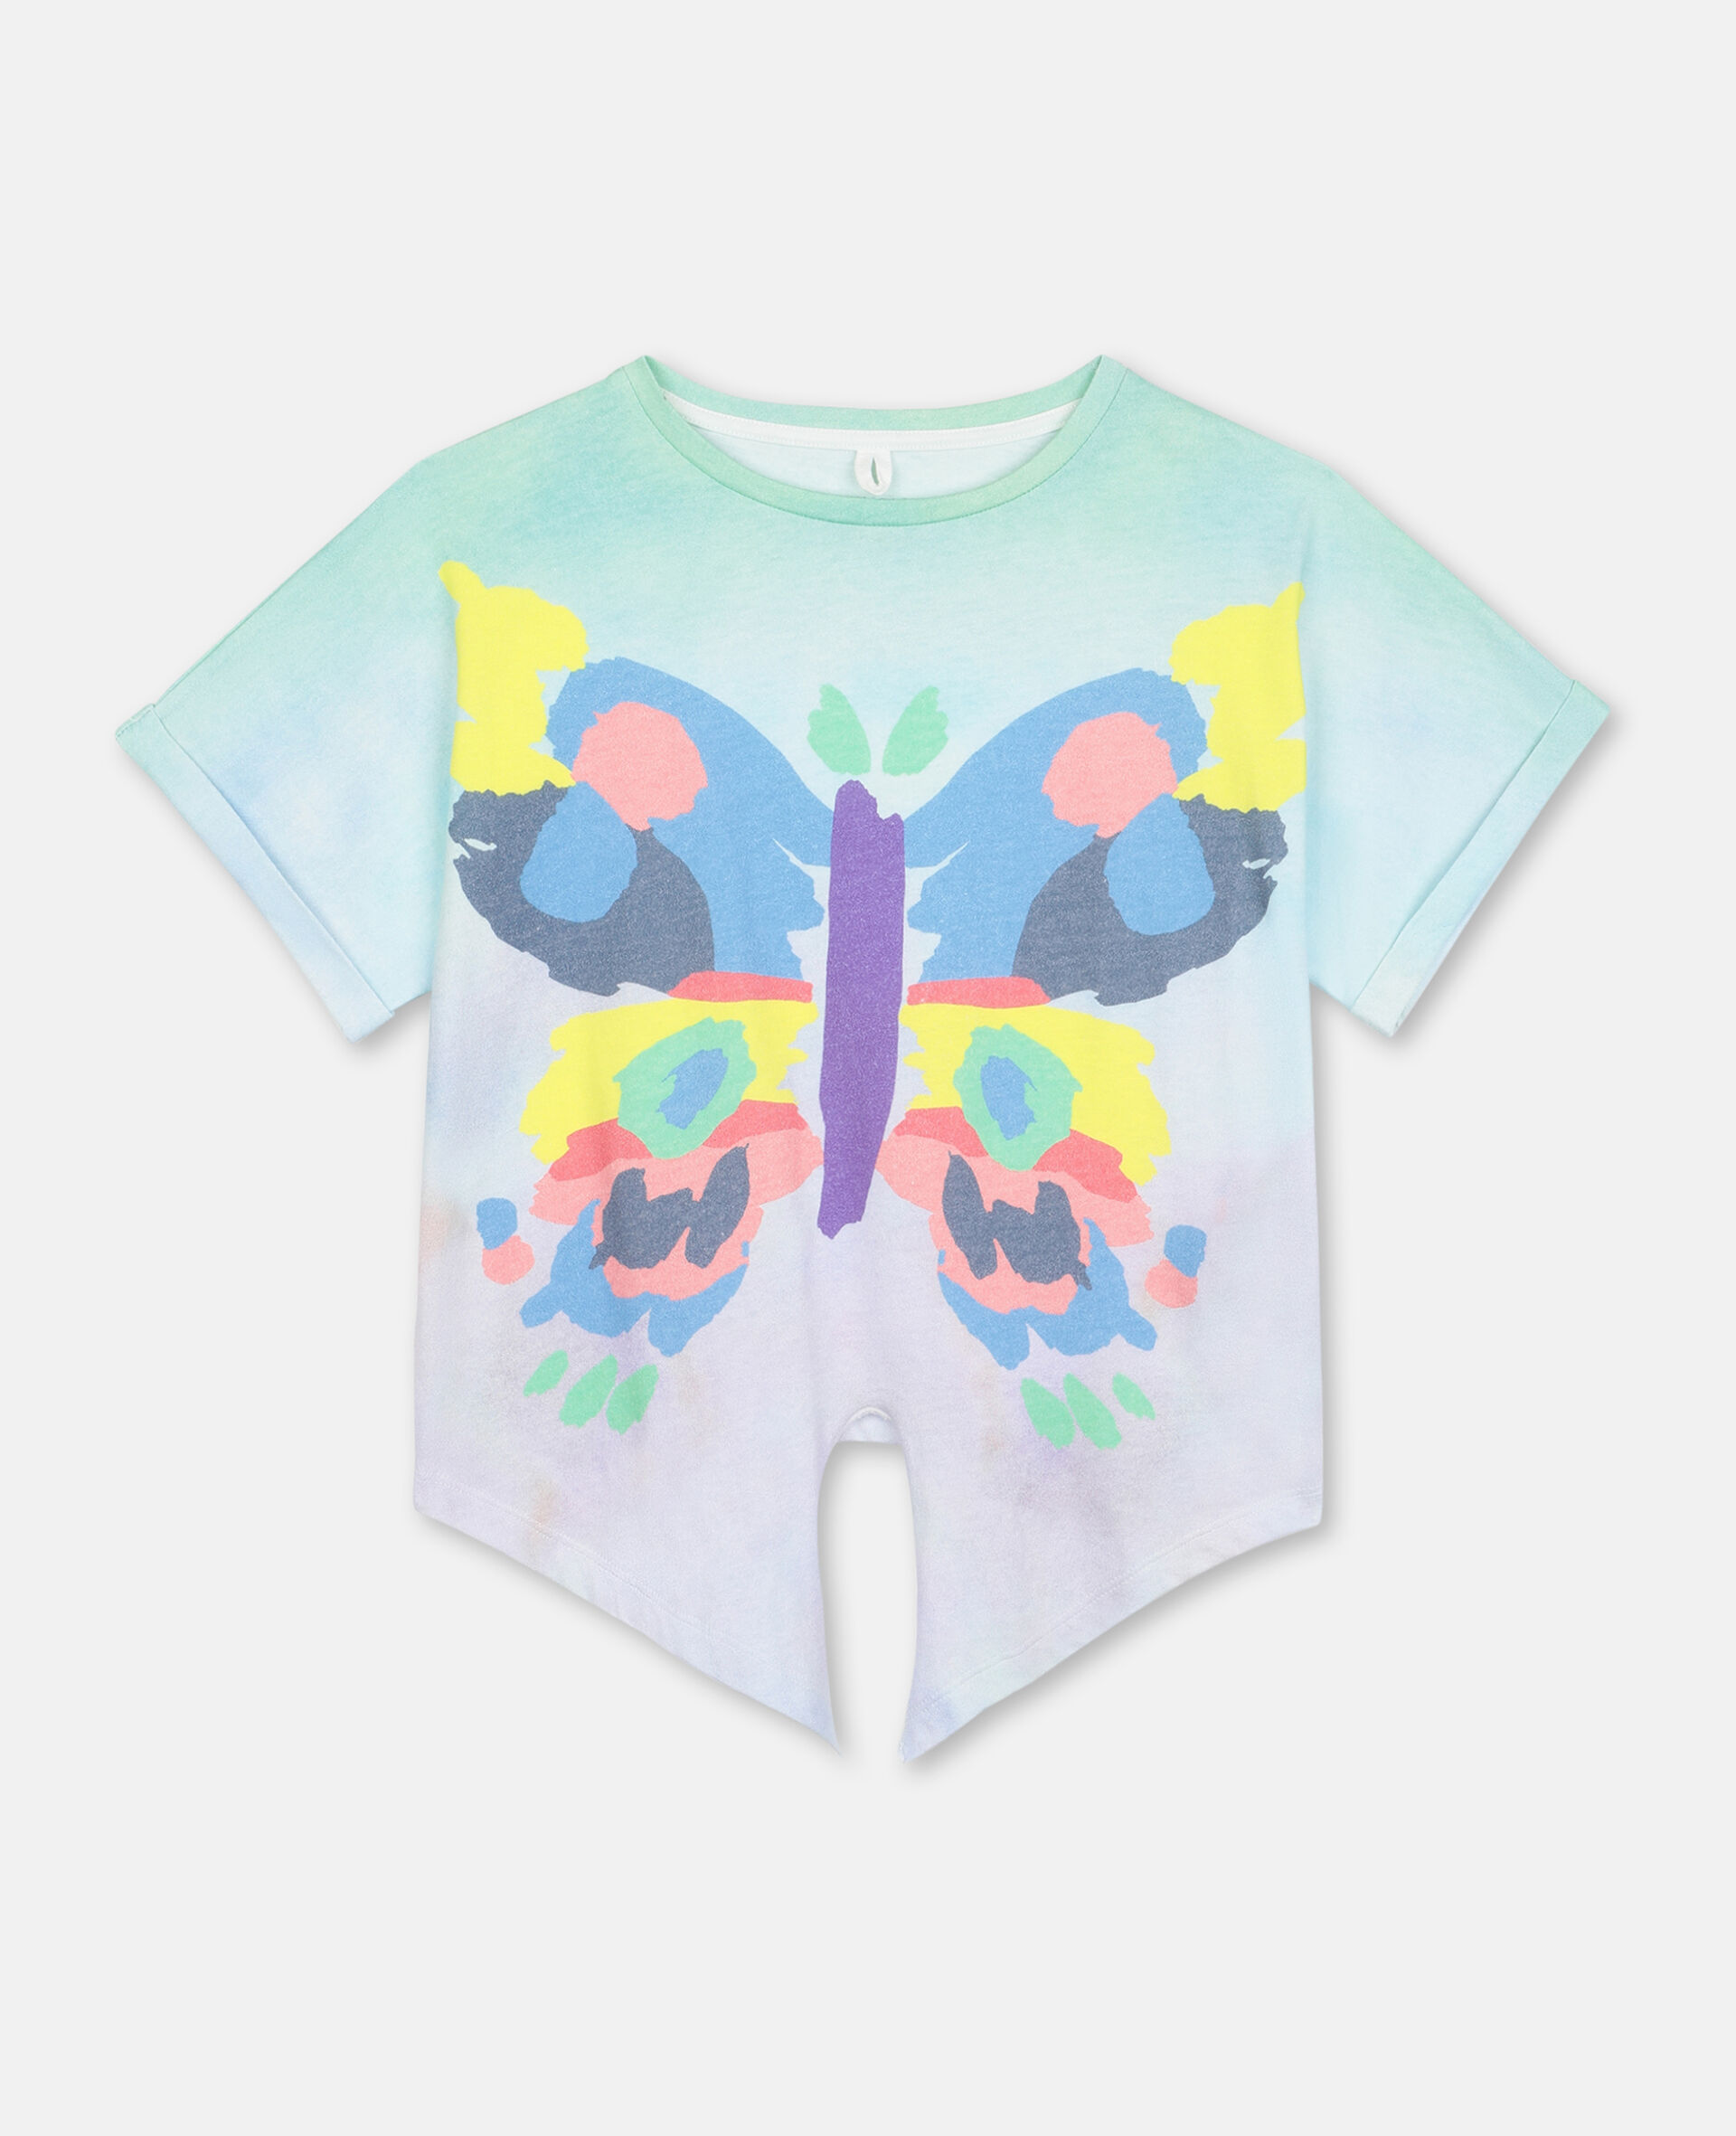 バタフライ コットン Tシャツ-マルチカラー-large image number 0